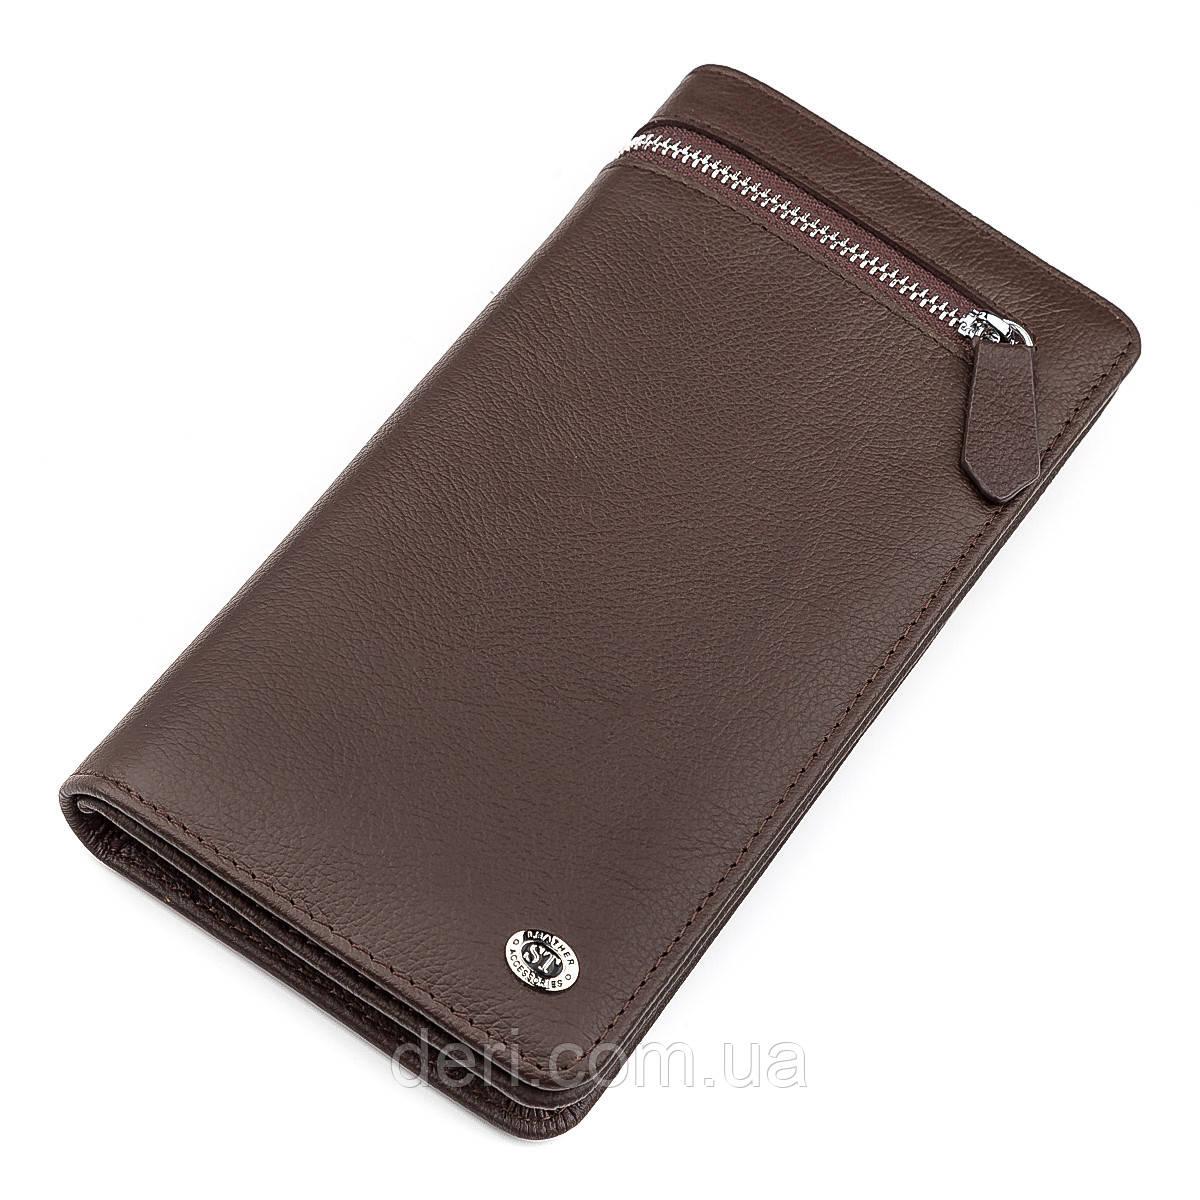 Мужской кошелек ST Leather стильный коричневый